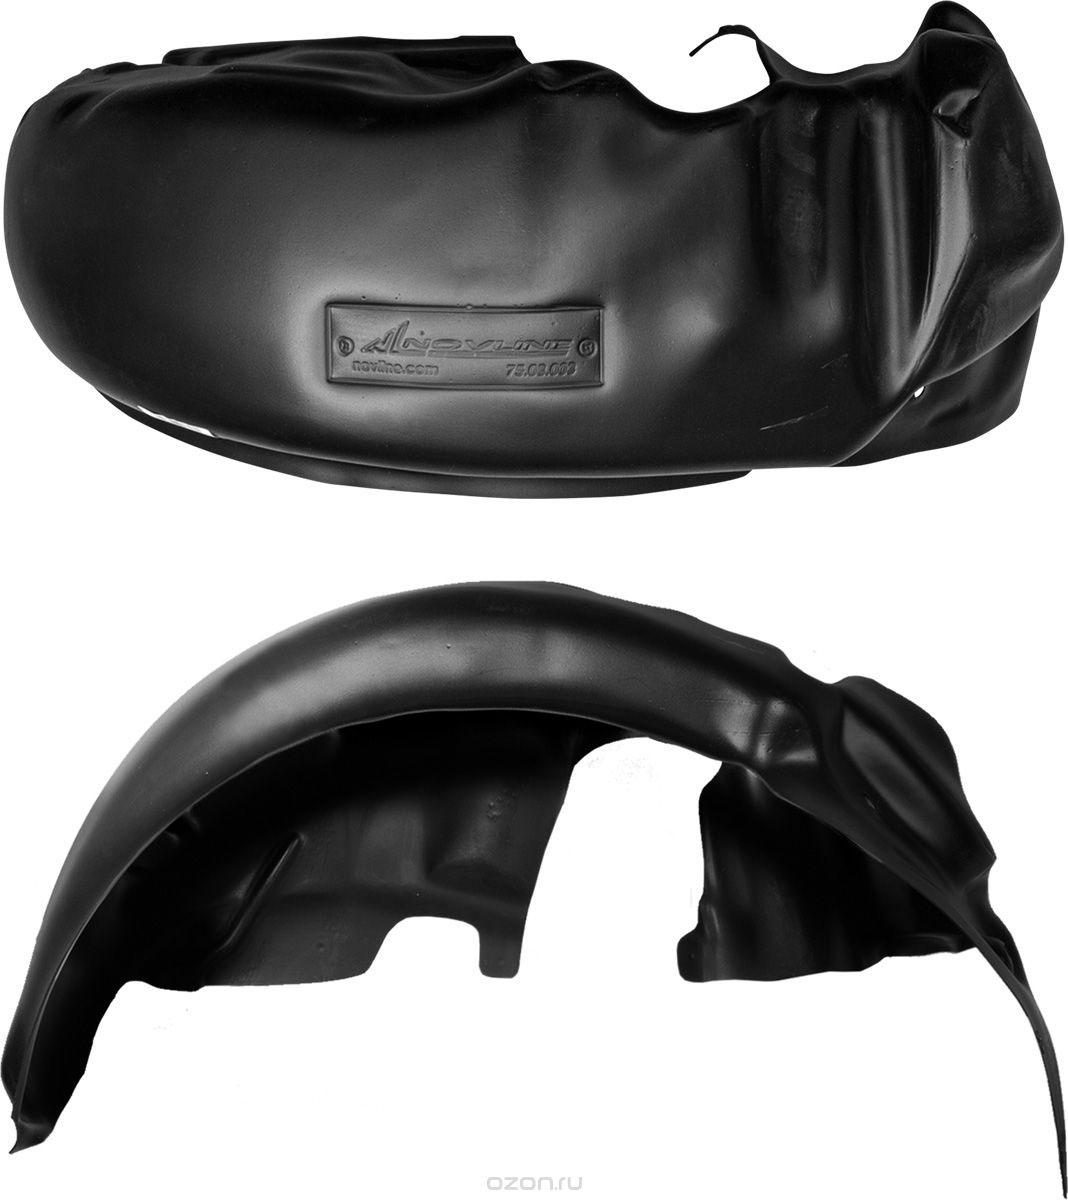 Подкрылок Novline-Autofamily, для Toyota Land Cruiser Prado, 01/2003-2009, задний левыйNLL.48.01.003Идеальная защита колесной ниши. Локеры разработаны с применением цифровых технологий, гарантируют максимальную повторяемость поверхности арки. Изделия устанавливаются без нарушения лакокрасочного покрытия автомобиля, каждый подкрылок комплектуется крепежом. Уважаемые клиенты, обращаем ваше внимание, что фотографии на подкрылки универсальные и не отражают реальную форму изделия. При этом само изделие идет точно под размер указанного автомобиля.